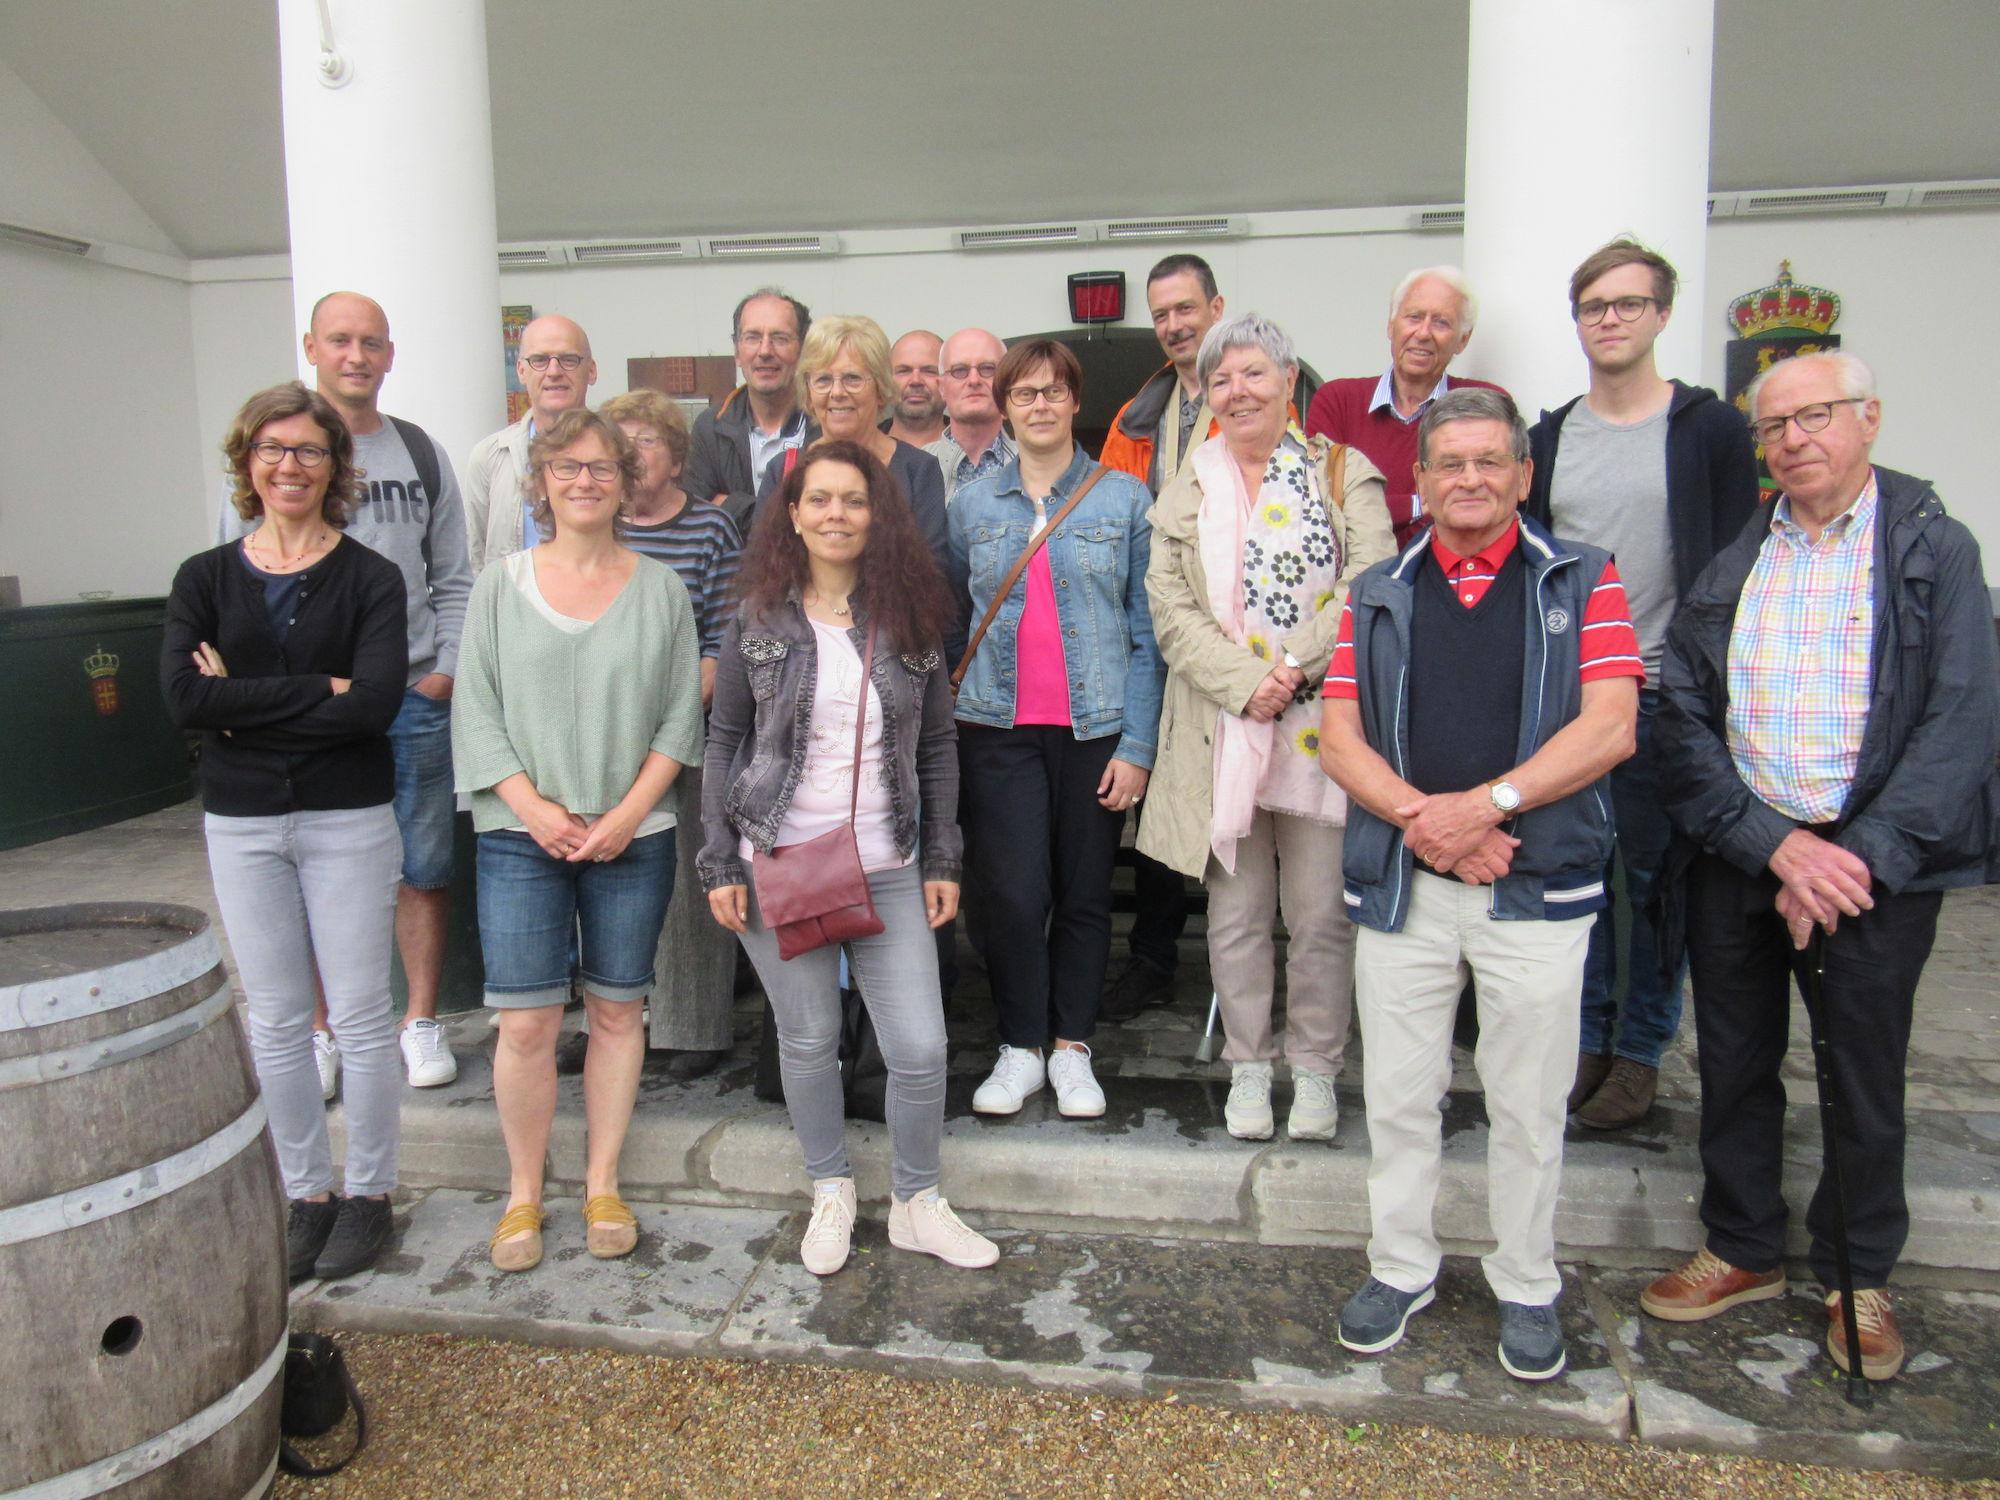 Teamdag personeel en vrijwilligers van het Provinciaal Archief op 31 mei 2018 in Brugge